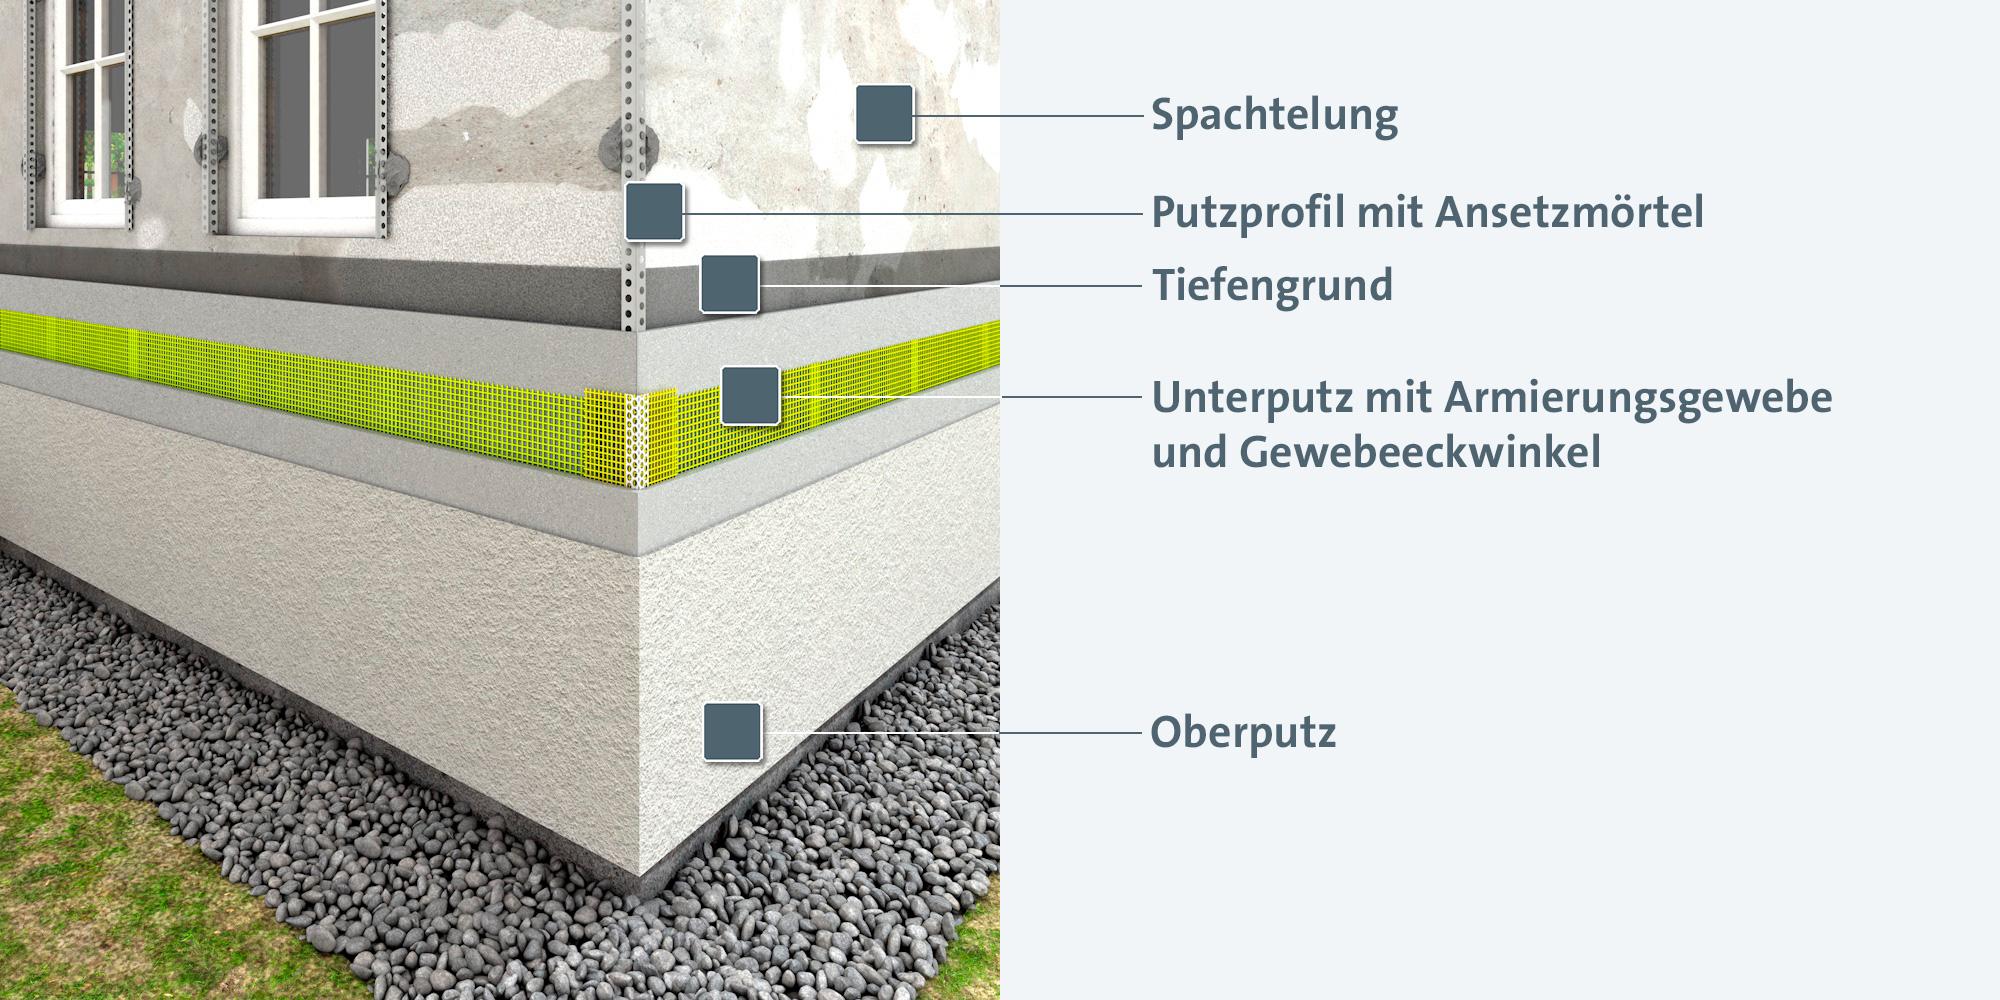 Schichtaufbau einer Fassade nach der Sanierung